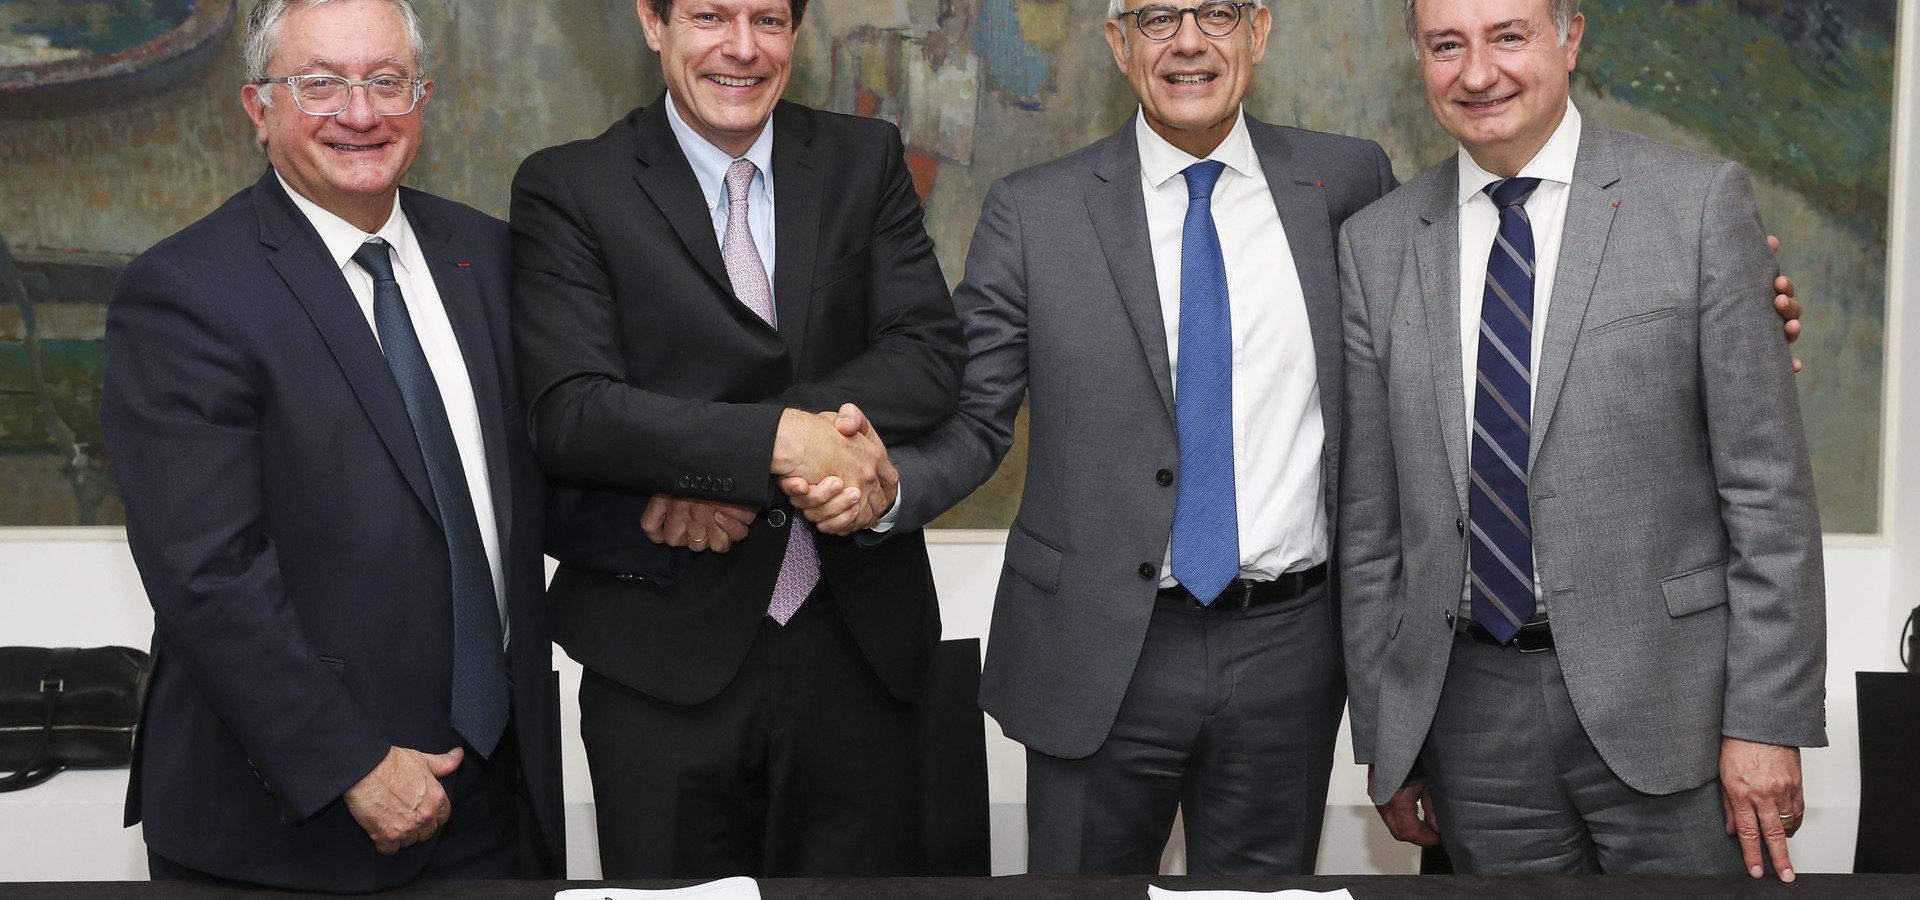 Alstom, IGE+XAO i Safran tworzą w Tuluzie Centrum Doskonałości, specjalizujące się w elektrycznych systemach kolejowych